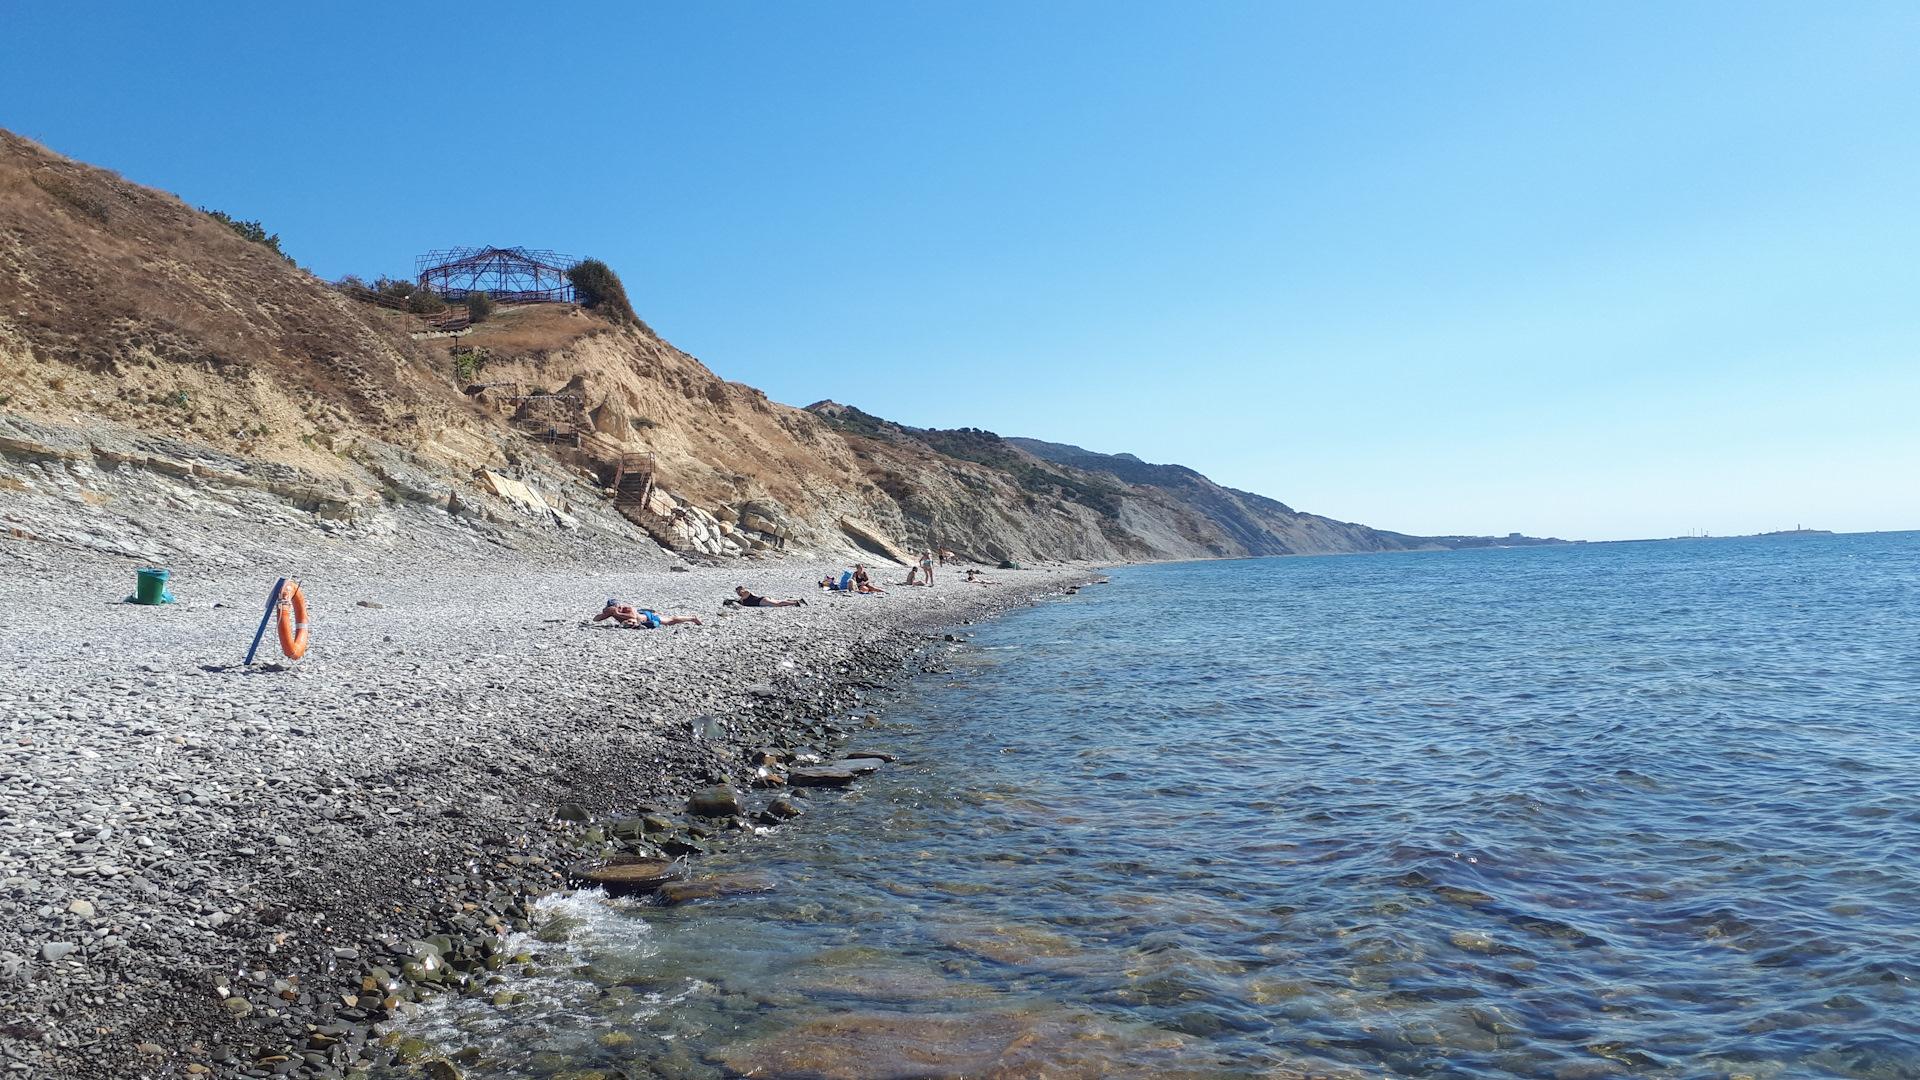 дикий пляж в анапе фото этих времен, вероятно